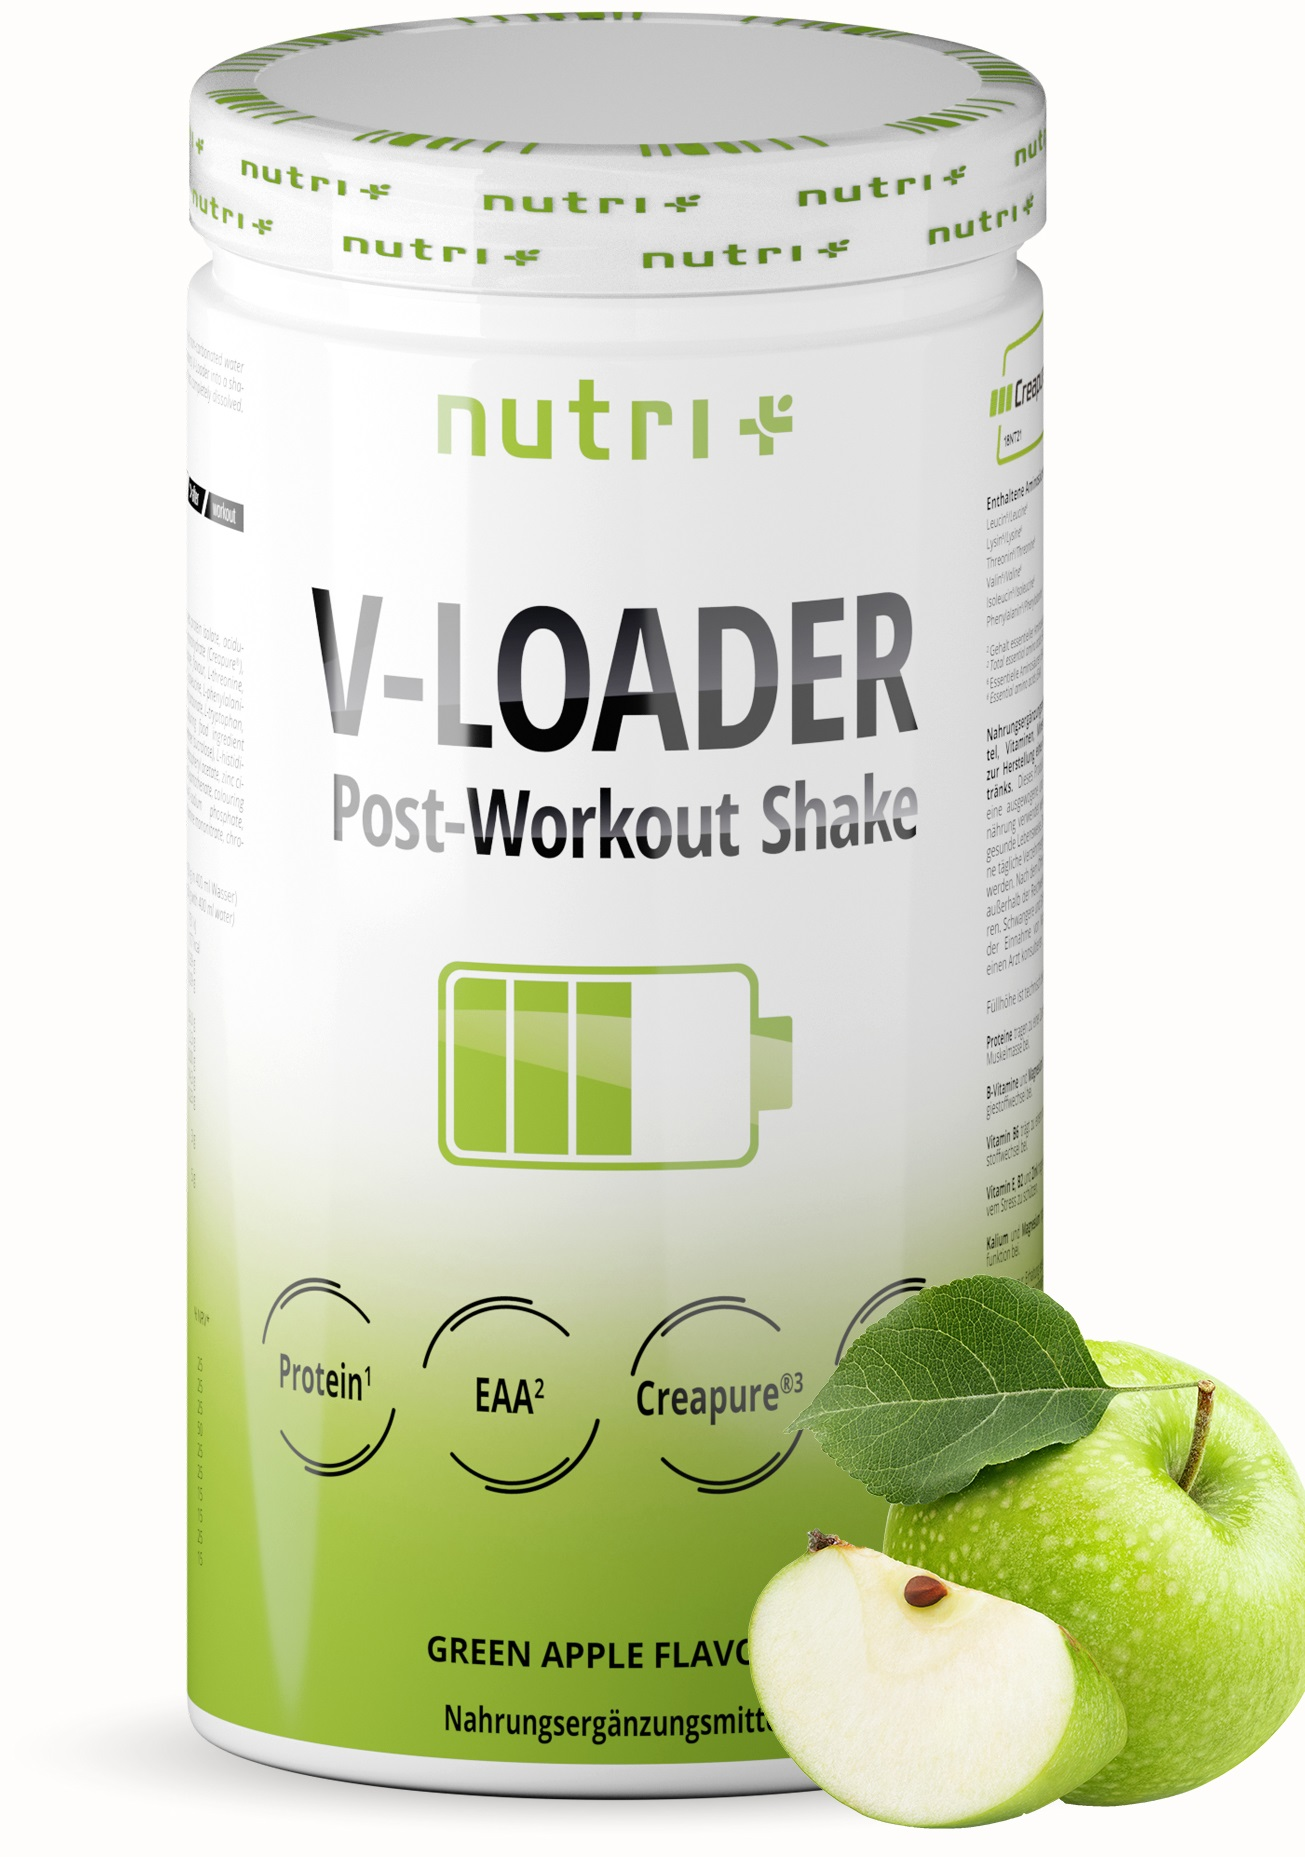 nutri+ V-Loader - Post-Workout Shake